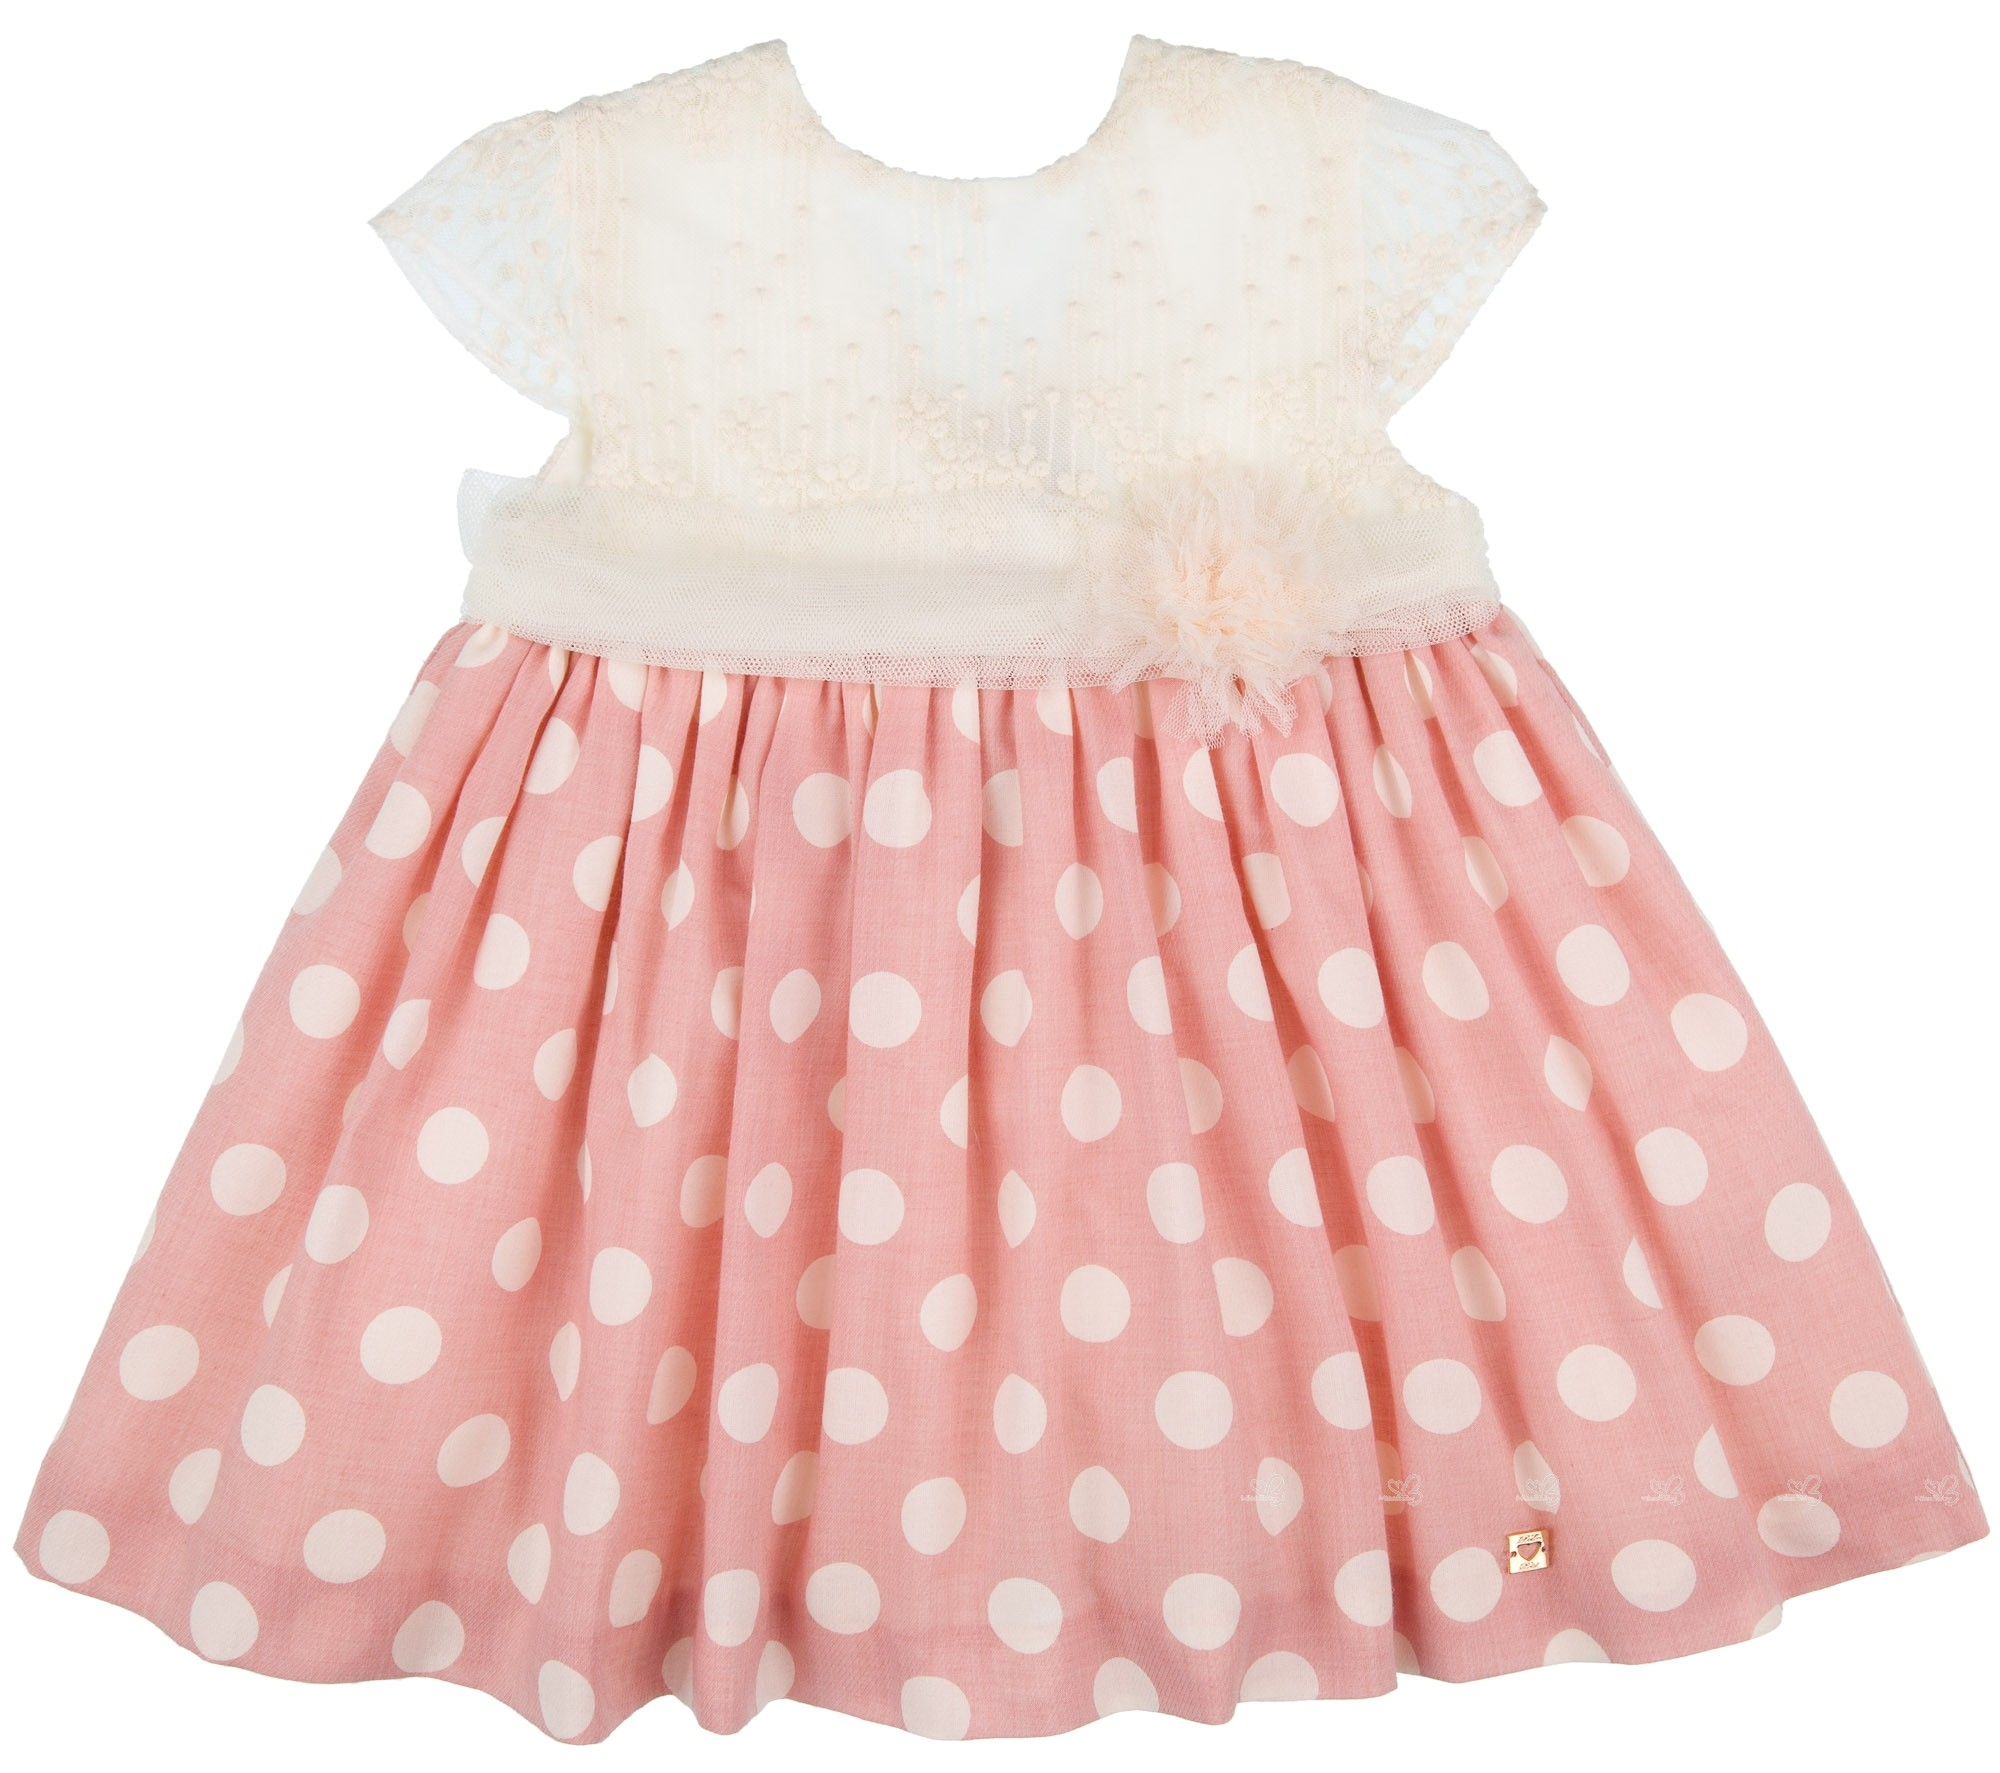 71cdf282bde Dolce Petit Vestido Niña Cuerpo Encaje Crudo   Falda Lunares Rosa Empolvado  ...